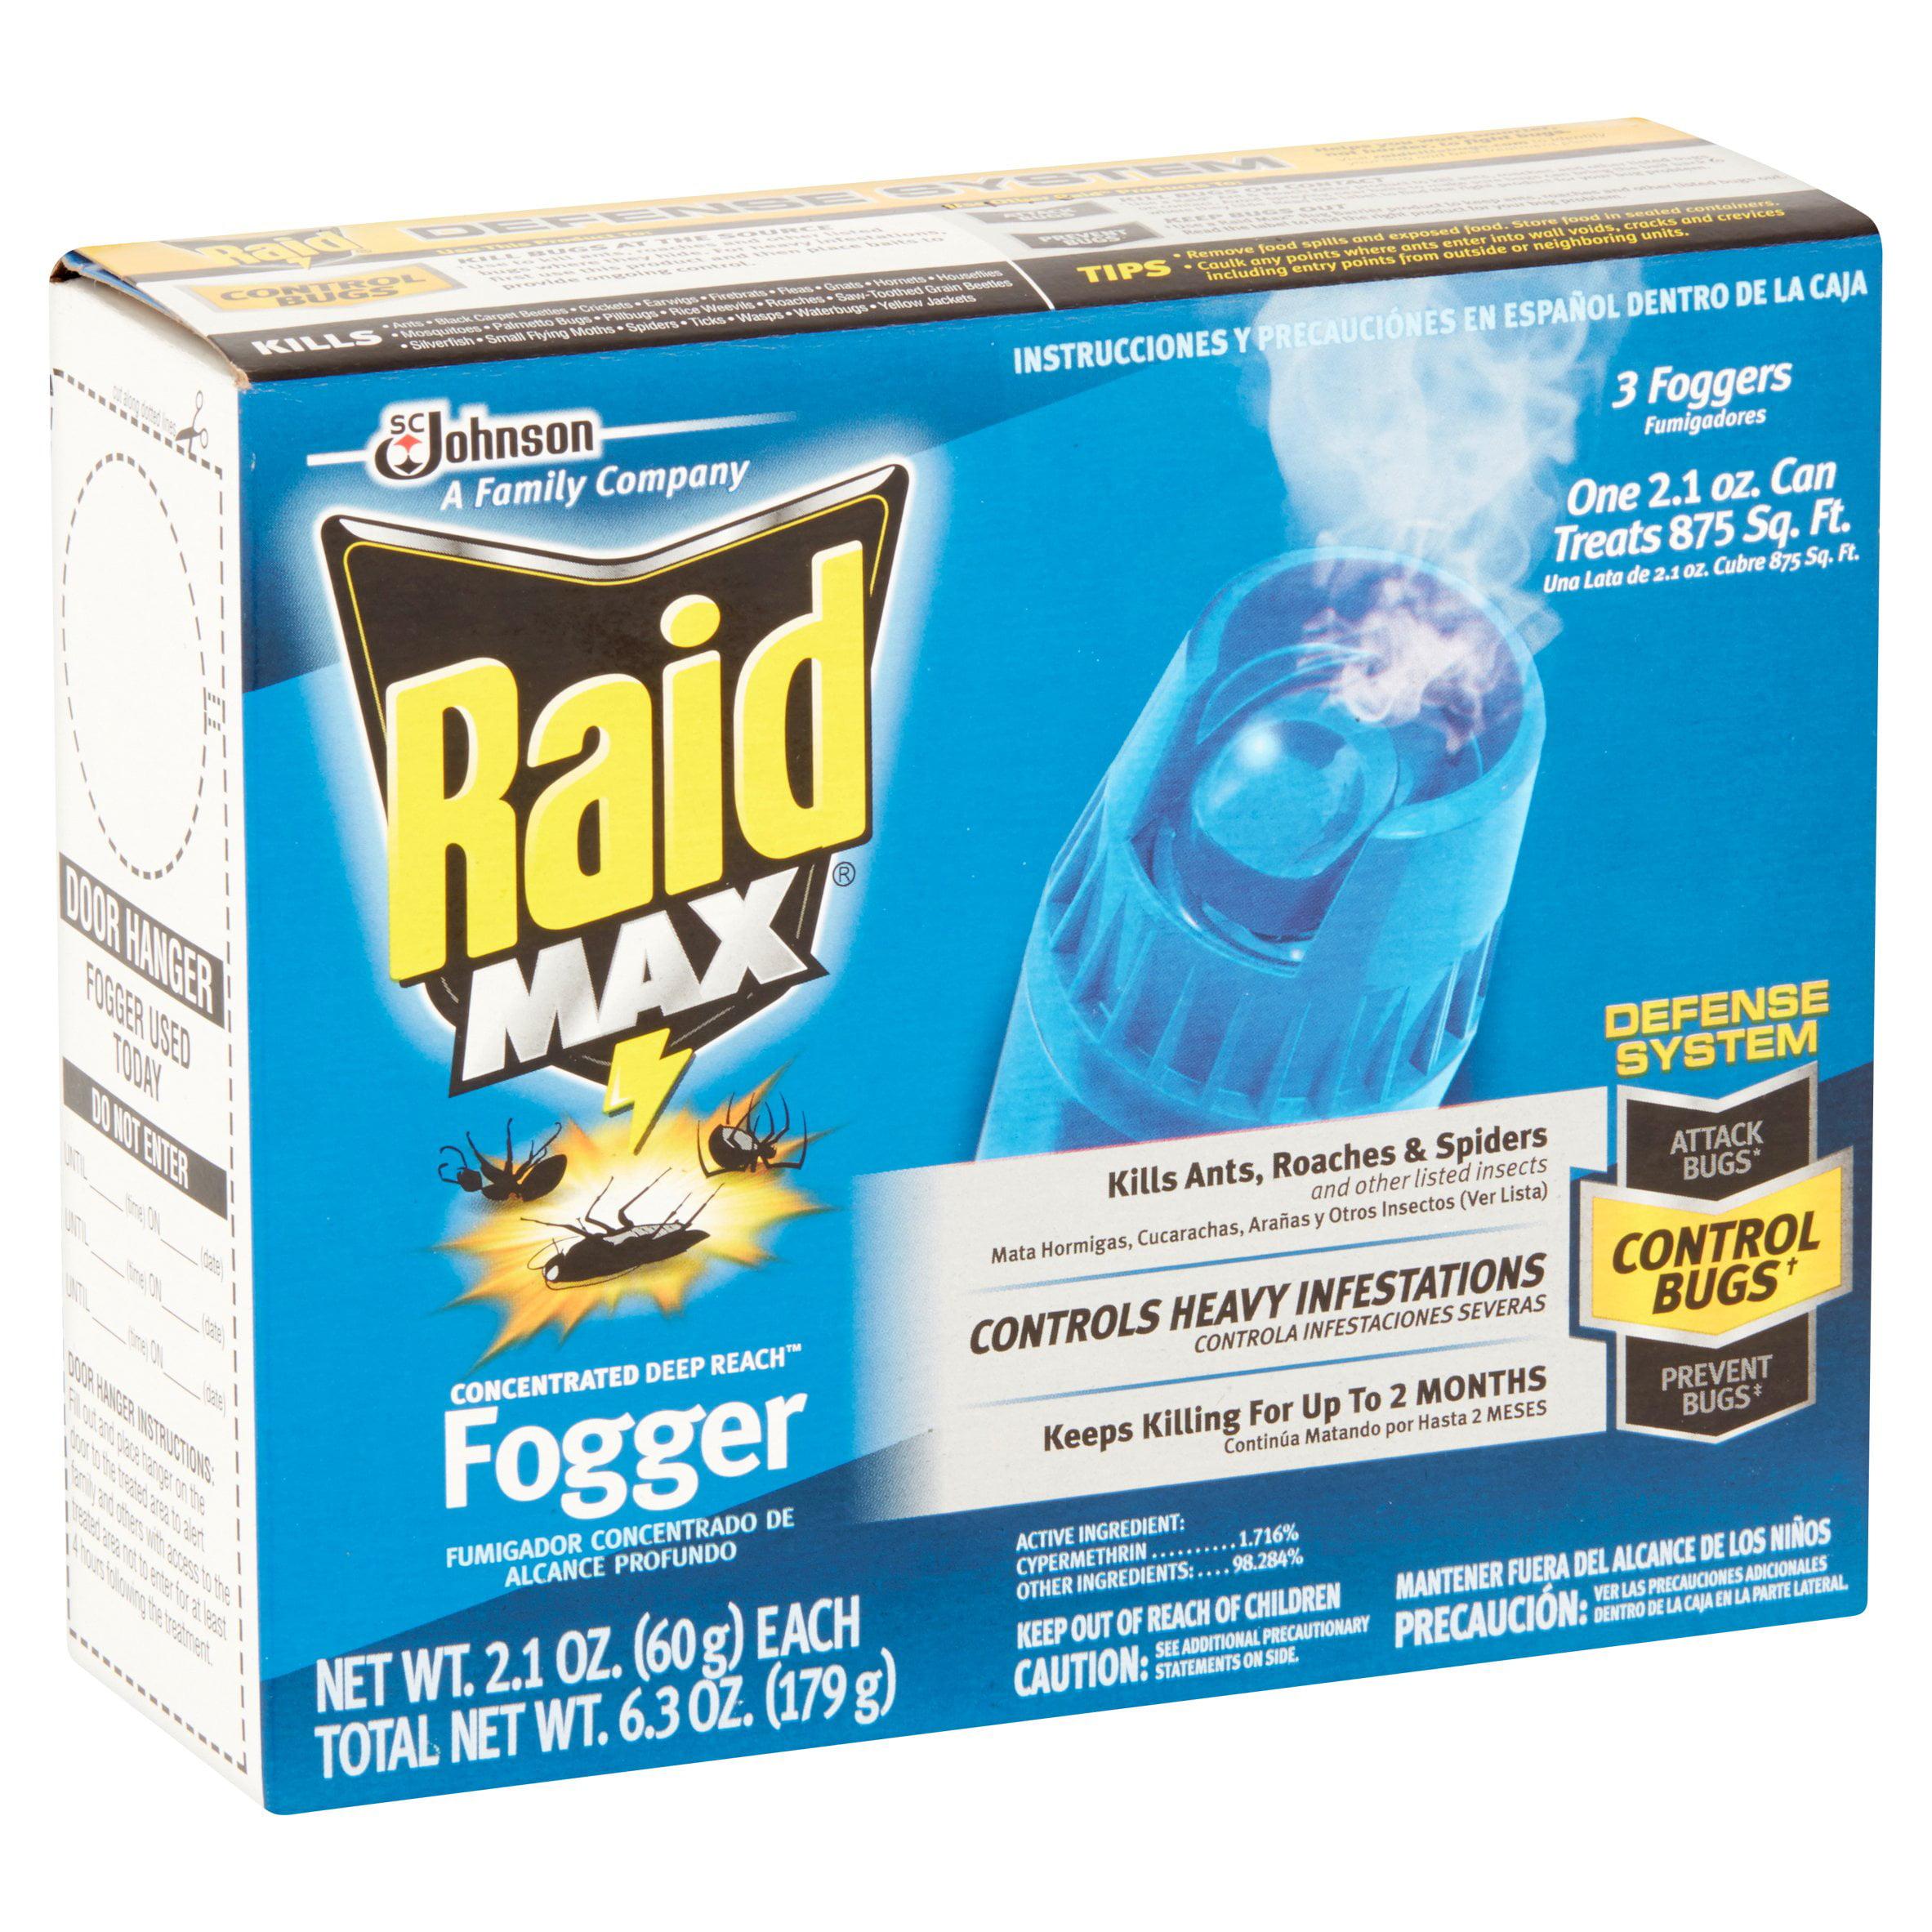 Raid Max Concentrated Deep Reach Fogger, 3ct - Walmart.com